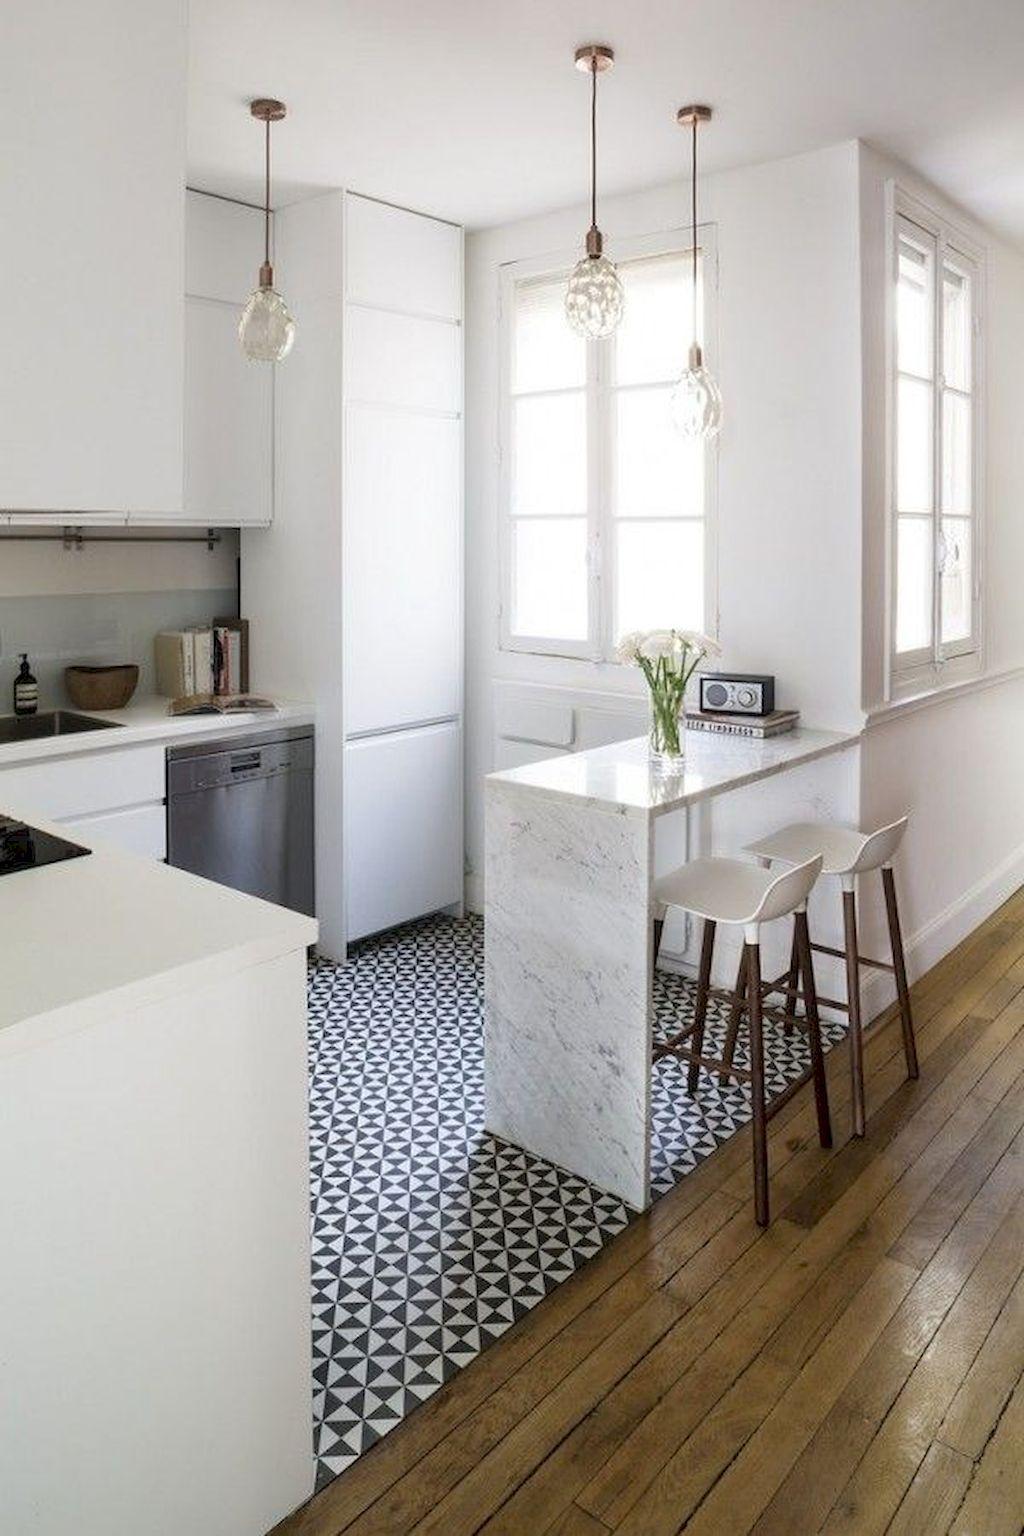 50 minimalist bar stool ideas for small kitchen bar furniture rh pinterest com